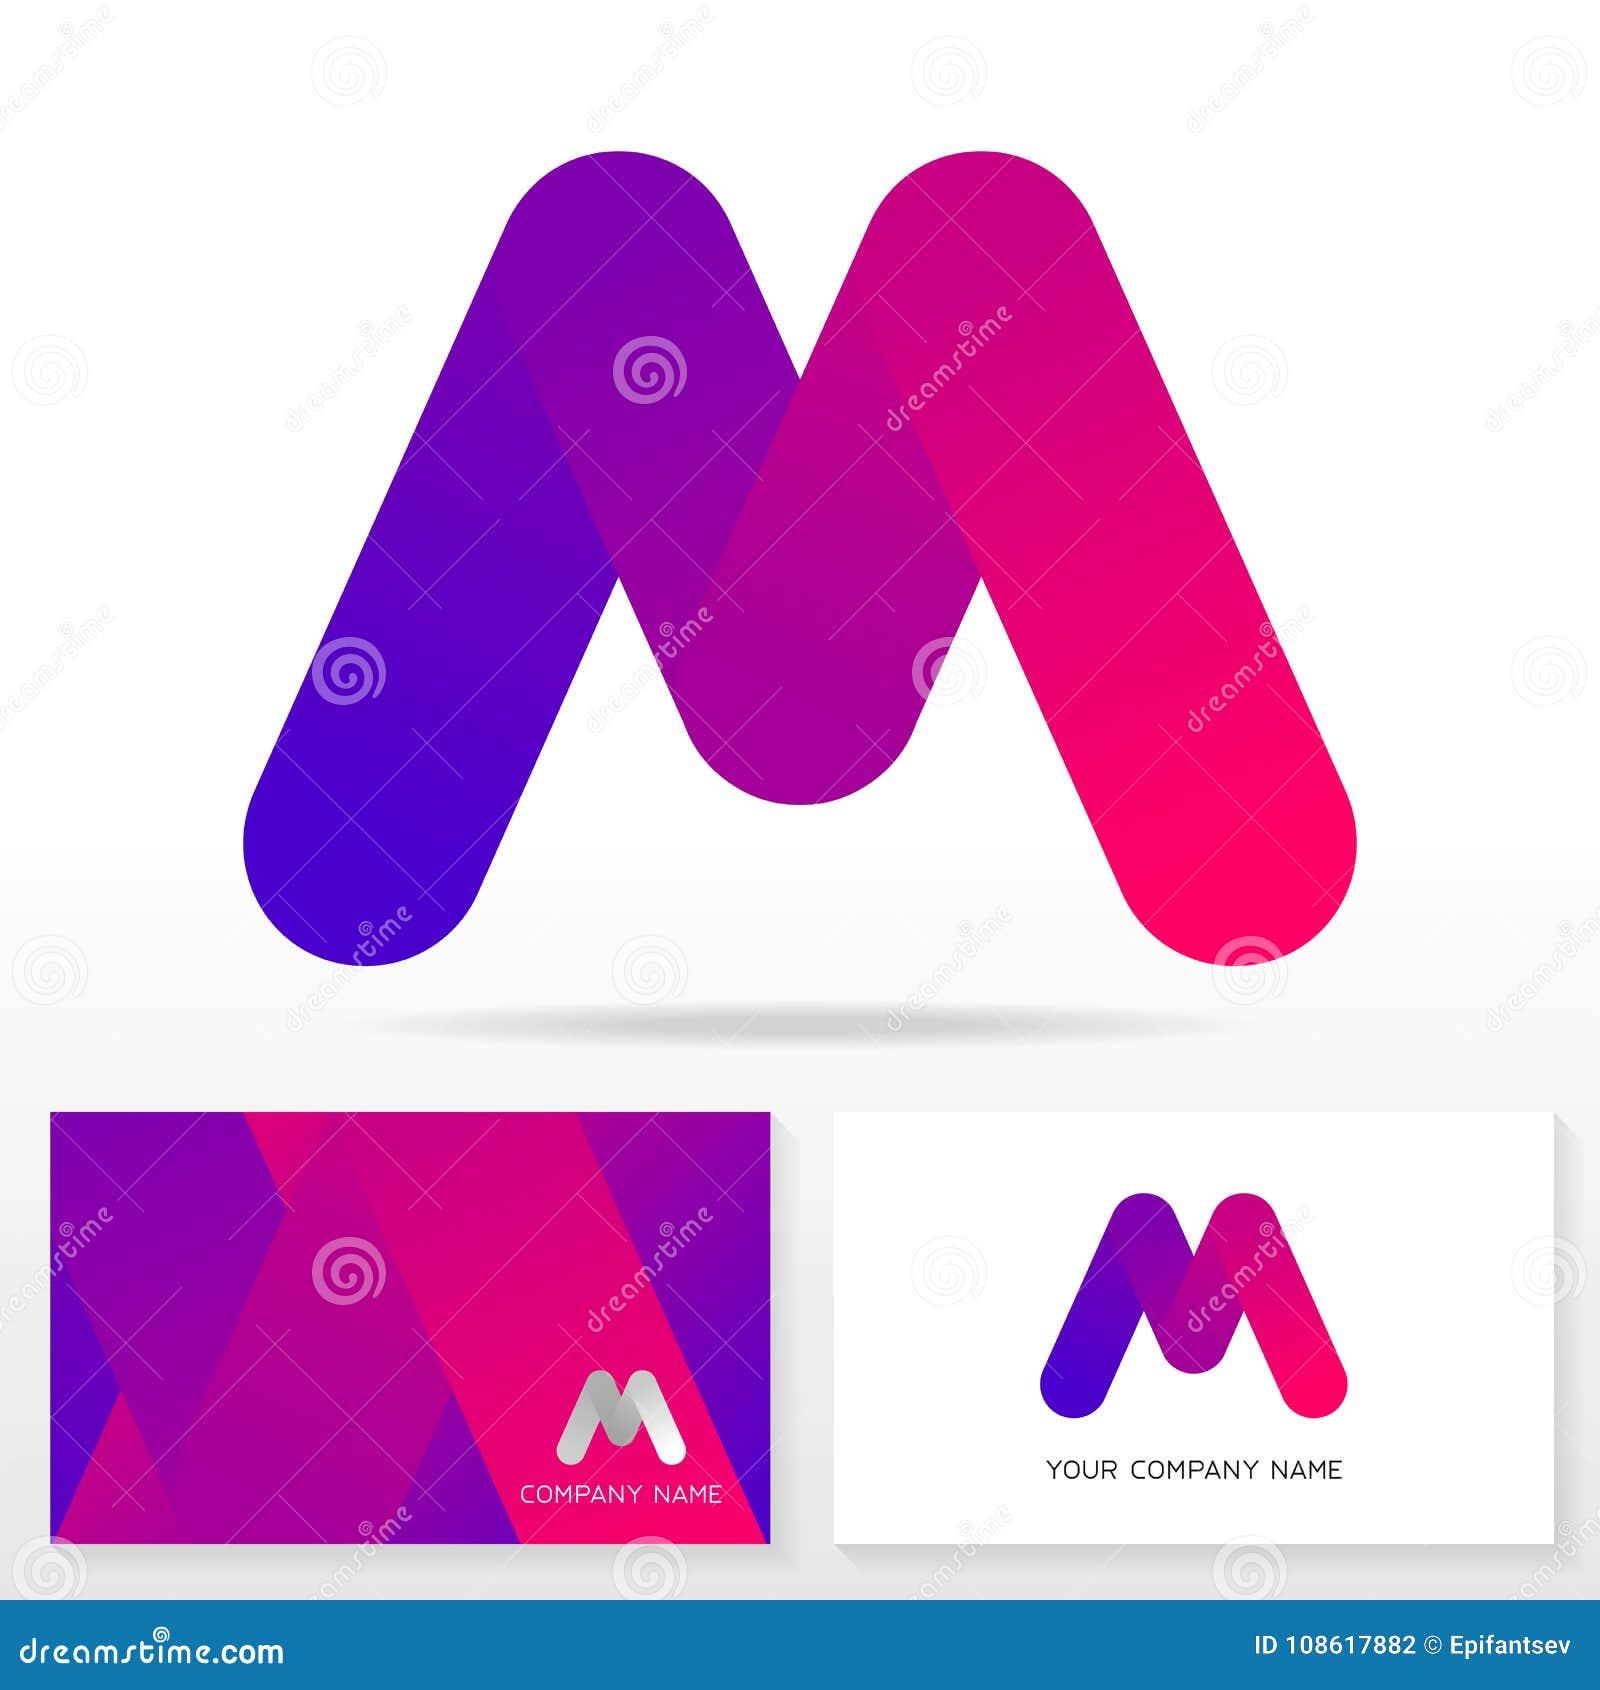 Plantilla Del Diseño Del Icono Del Logotipo De La Letra M Modelos De ...